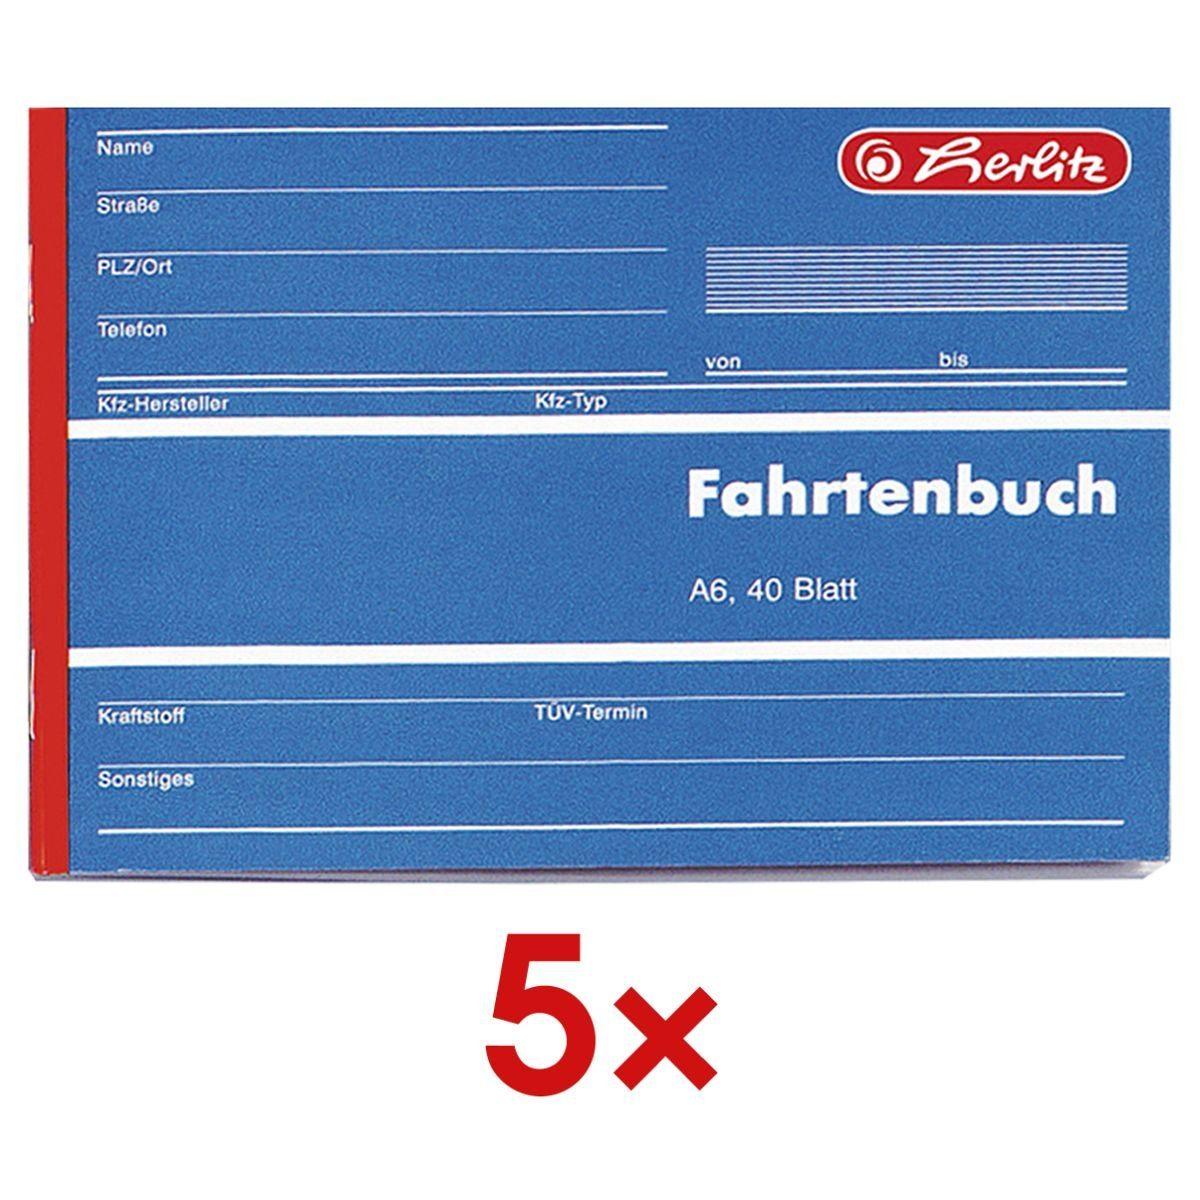 Herlitz 5x Formularbuch »Fahrtenbuch« 1 Set